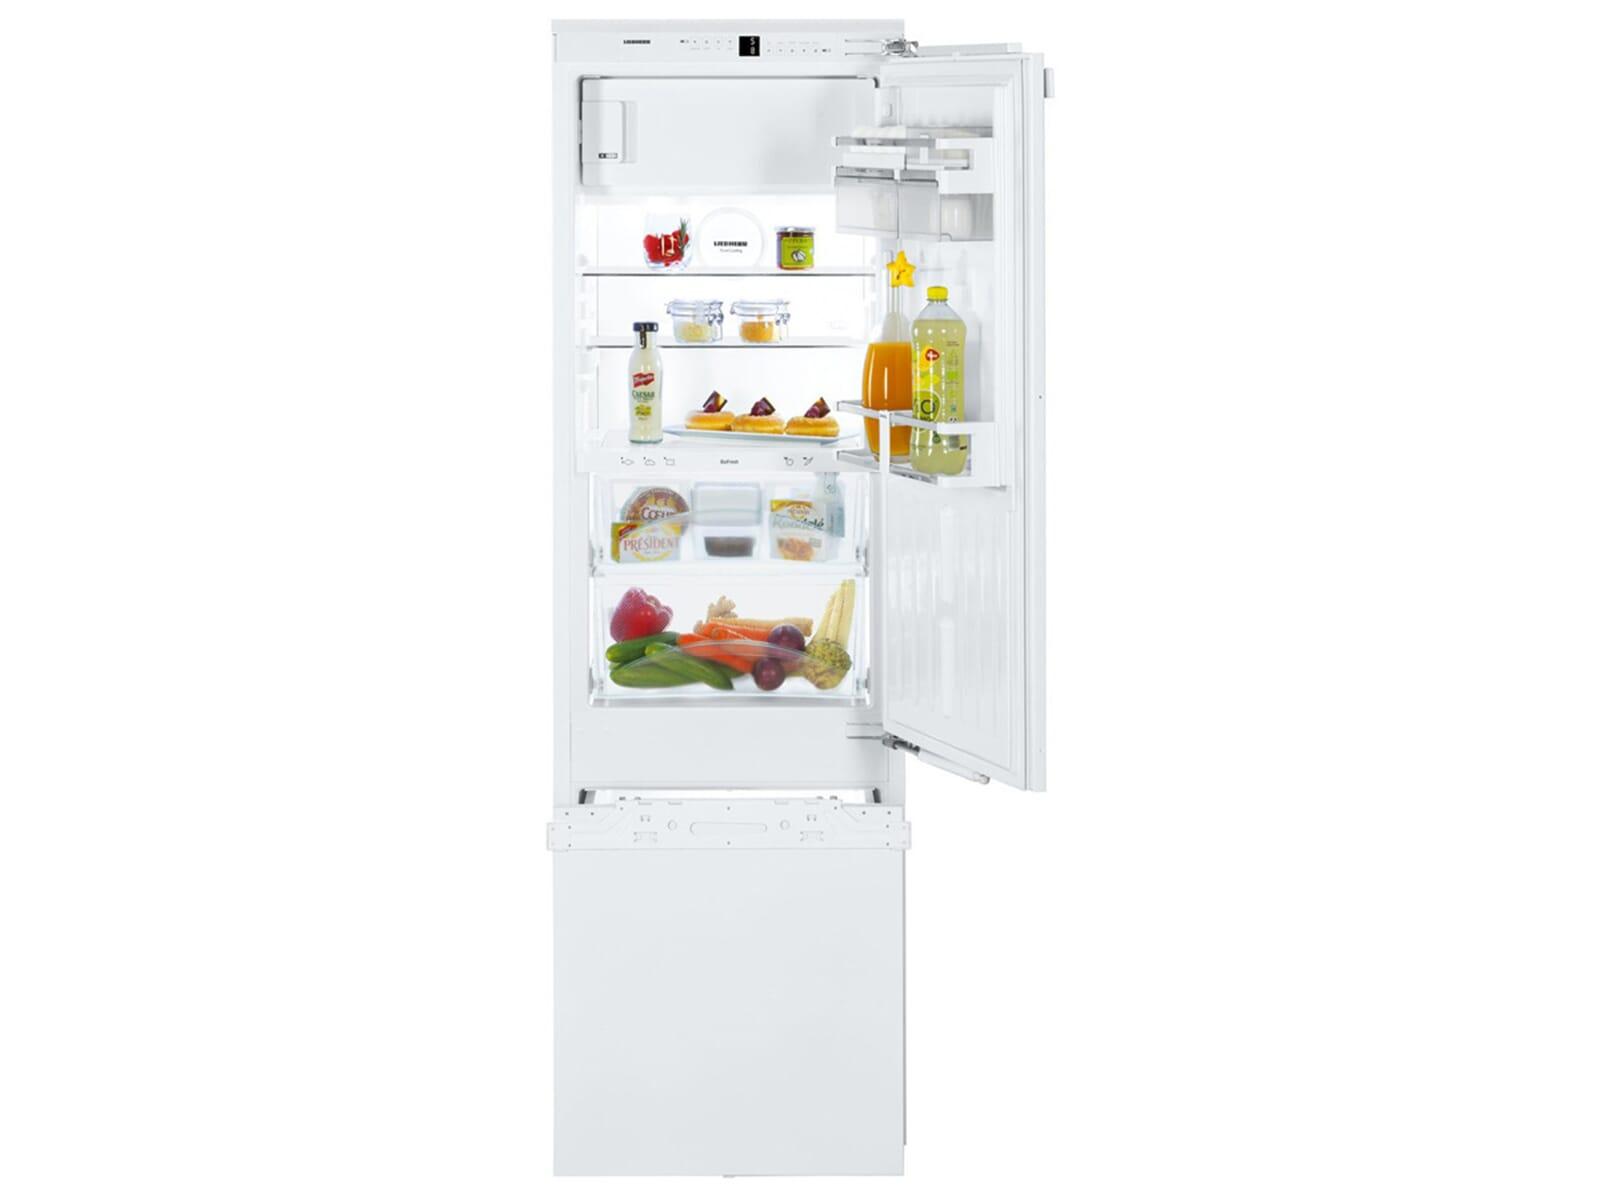 Mini Kühlschrank Liebherr : Liebherr mini kühlschrank kühlschrank thermostat liebherr miele